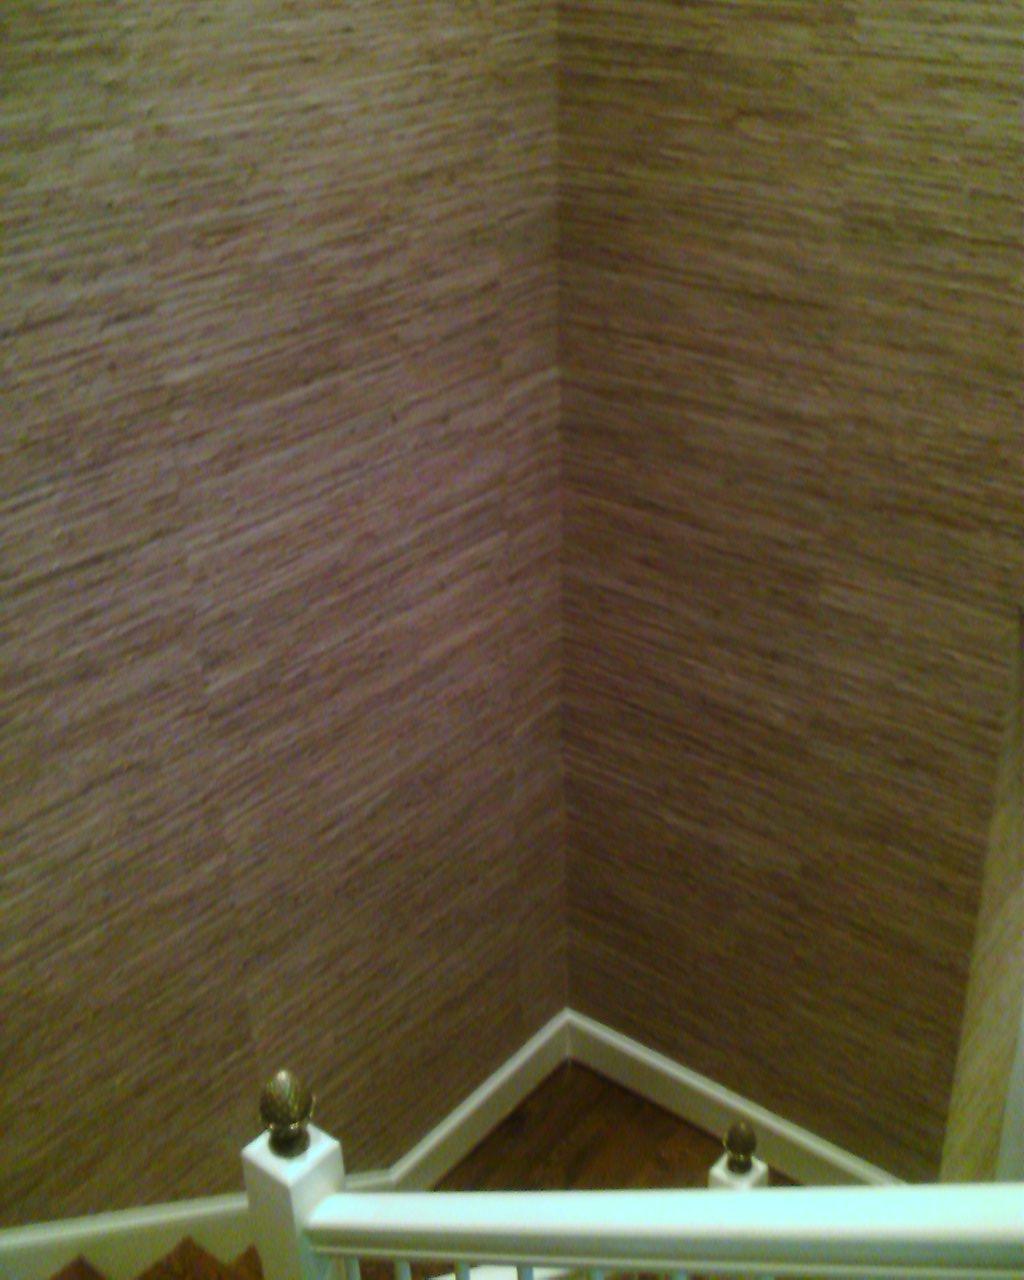 Grass cloth and burlap Wallpaper Ideas - Grass Cloth And Burlap Wallpaper Ideas << Best Home Wallpaper